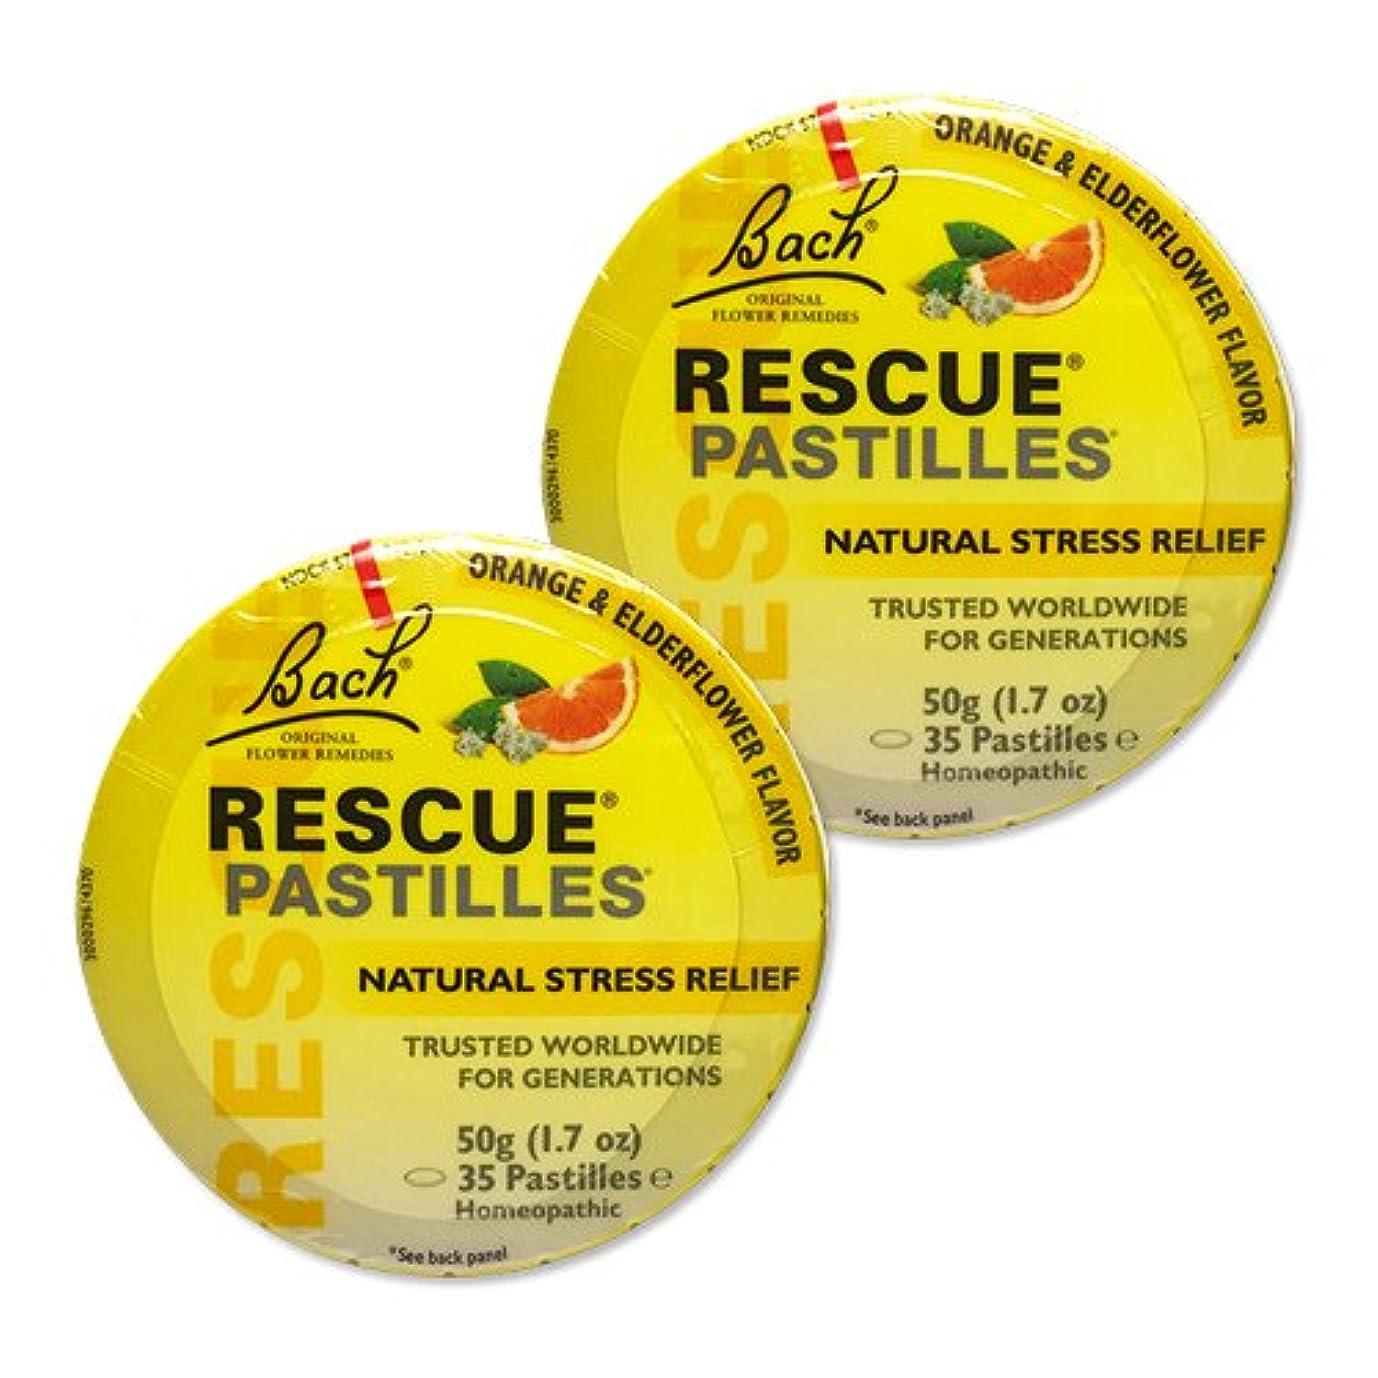 間隔欺く微妙【2個セット】 [海外直送品]バッチフラワー レスキューレメディー パステル(オレンジ) Rescue Pastilles: For Occasional...